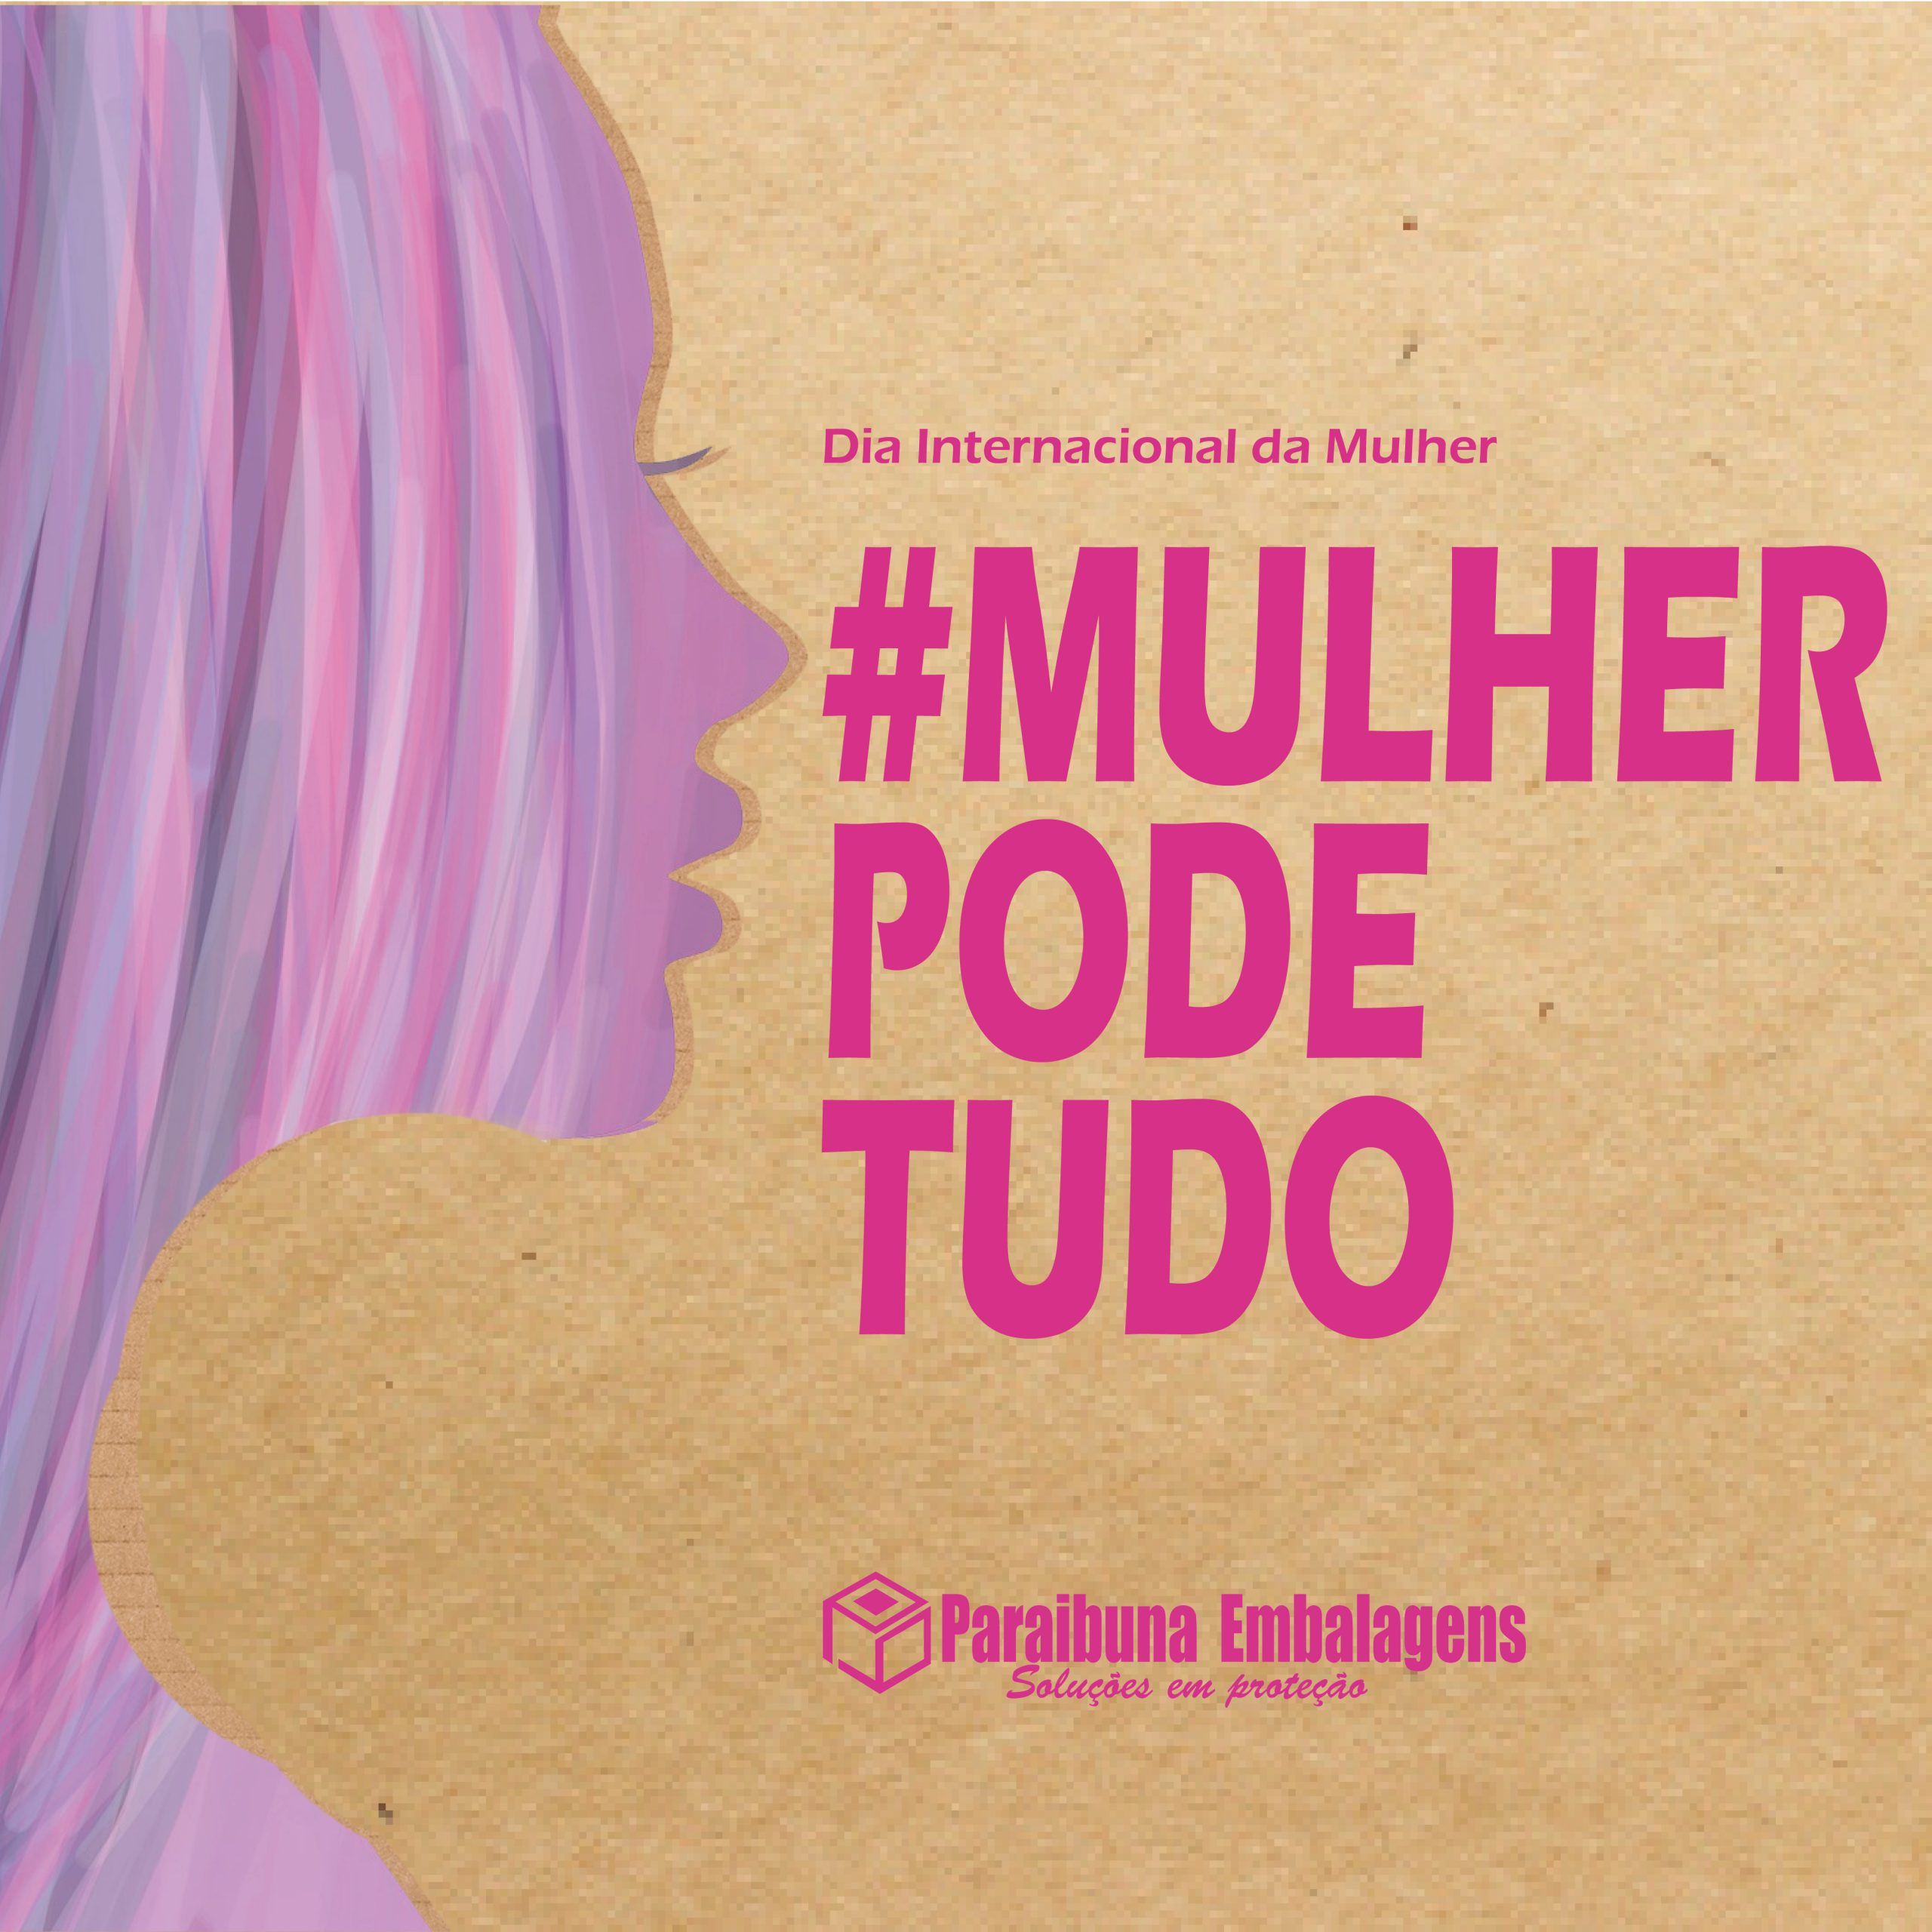 Homenagem da Paraibuna Embalagens ao Dia Internacional da Mulher: